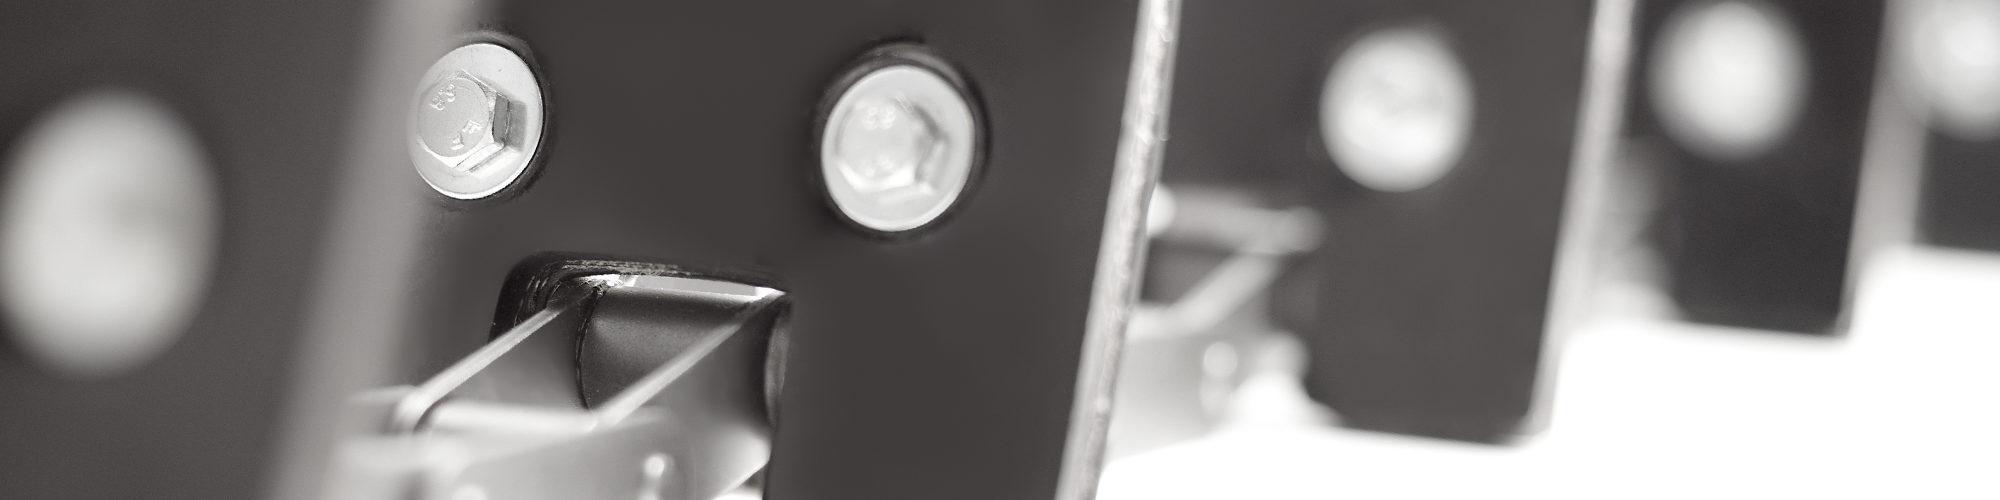 cadena de elevador con paletas